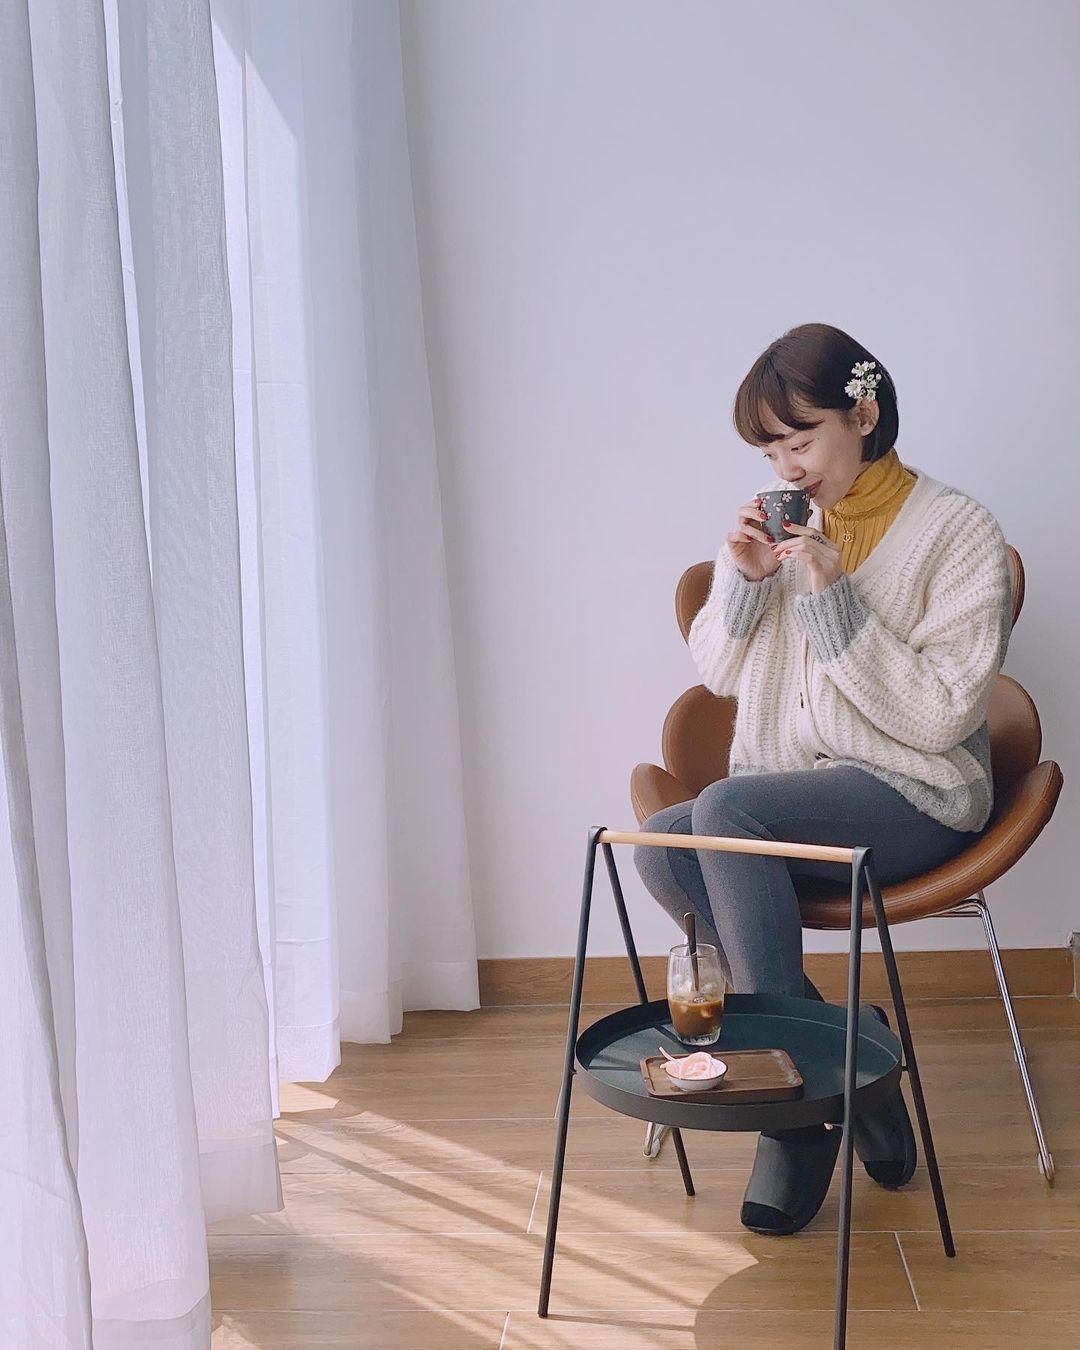 """Sao Việt diện áo trắng trong mùa lạnh: Nàng nào cũng trẻ hẳn ra, ghi điểm sành điệu """"dễ như chơi"""" - Ảnh 9."""